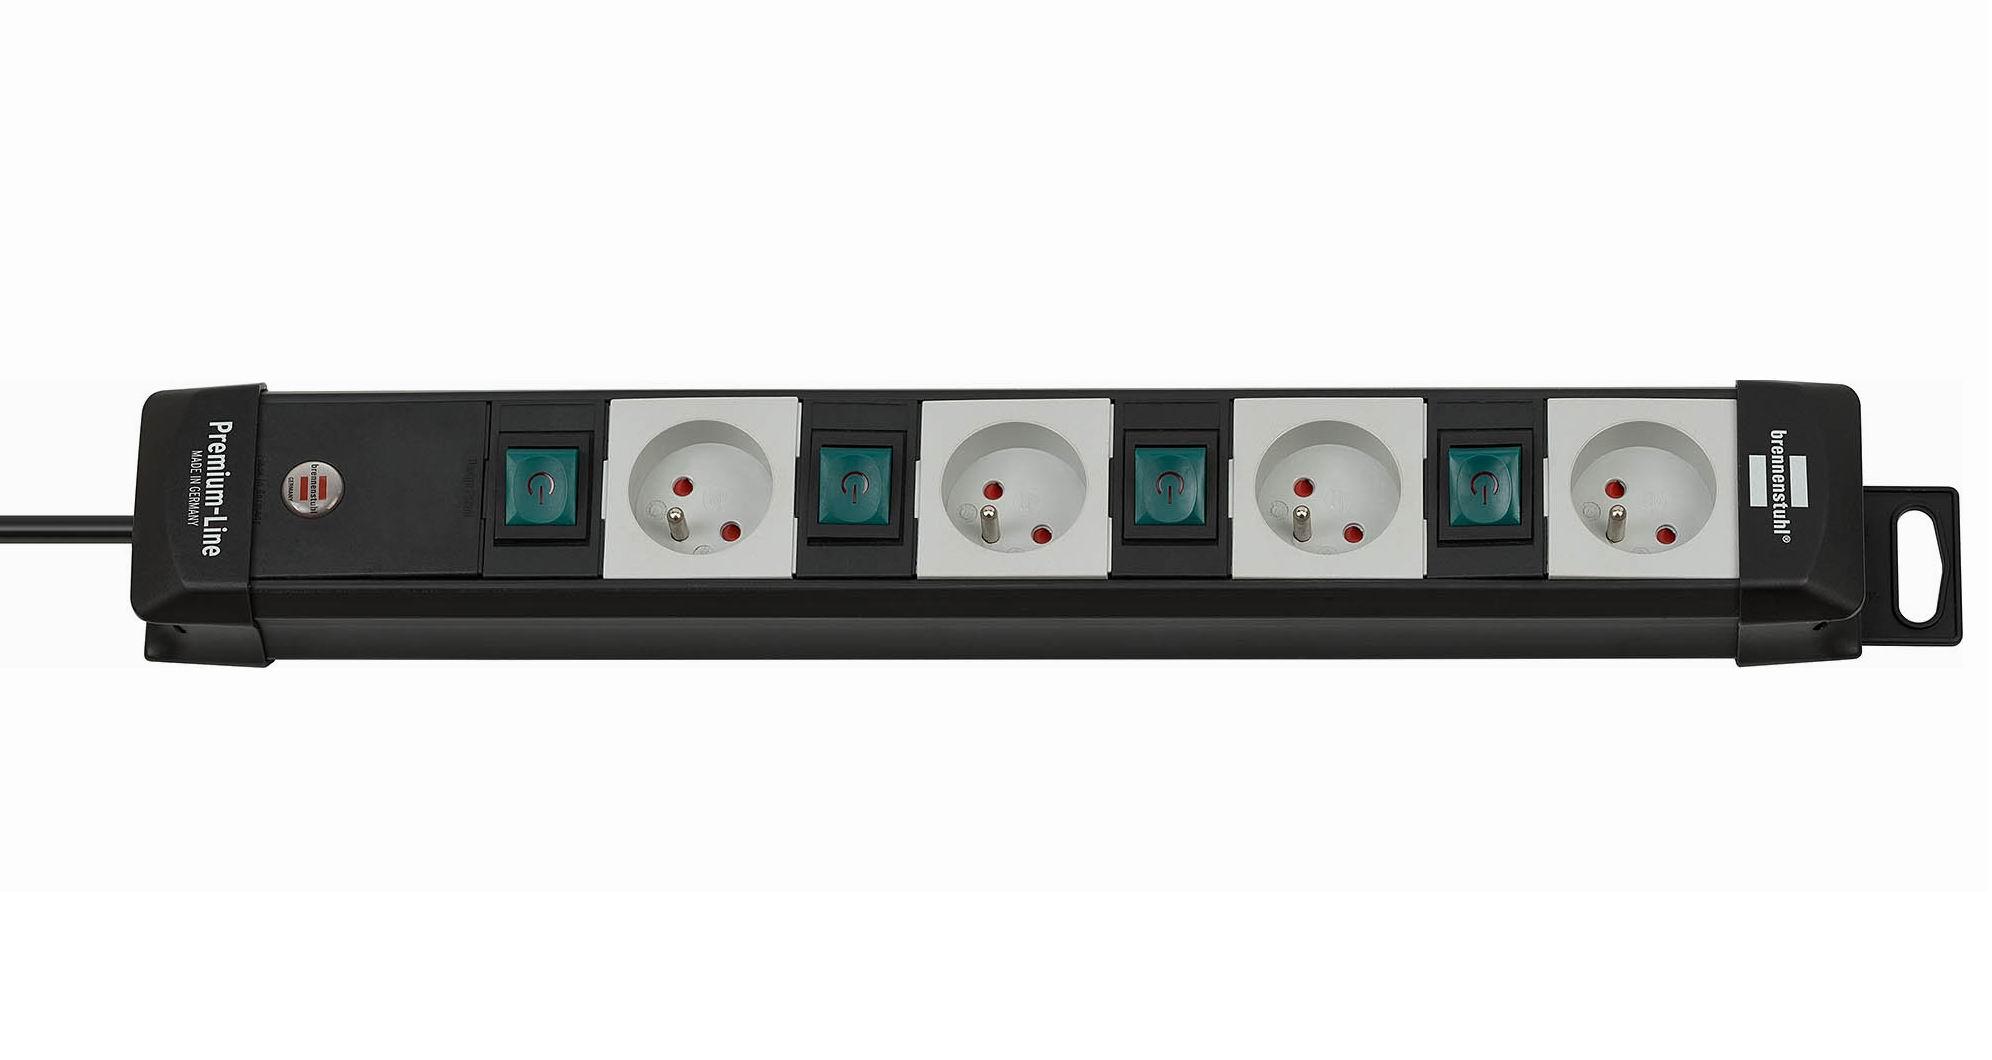 Listwa zasilająca Premium-Line 4 gniazda wtykowe z wyłącznikami niemiecka